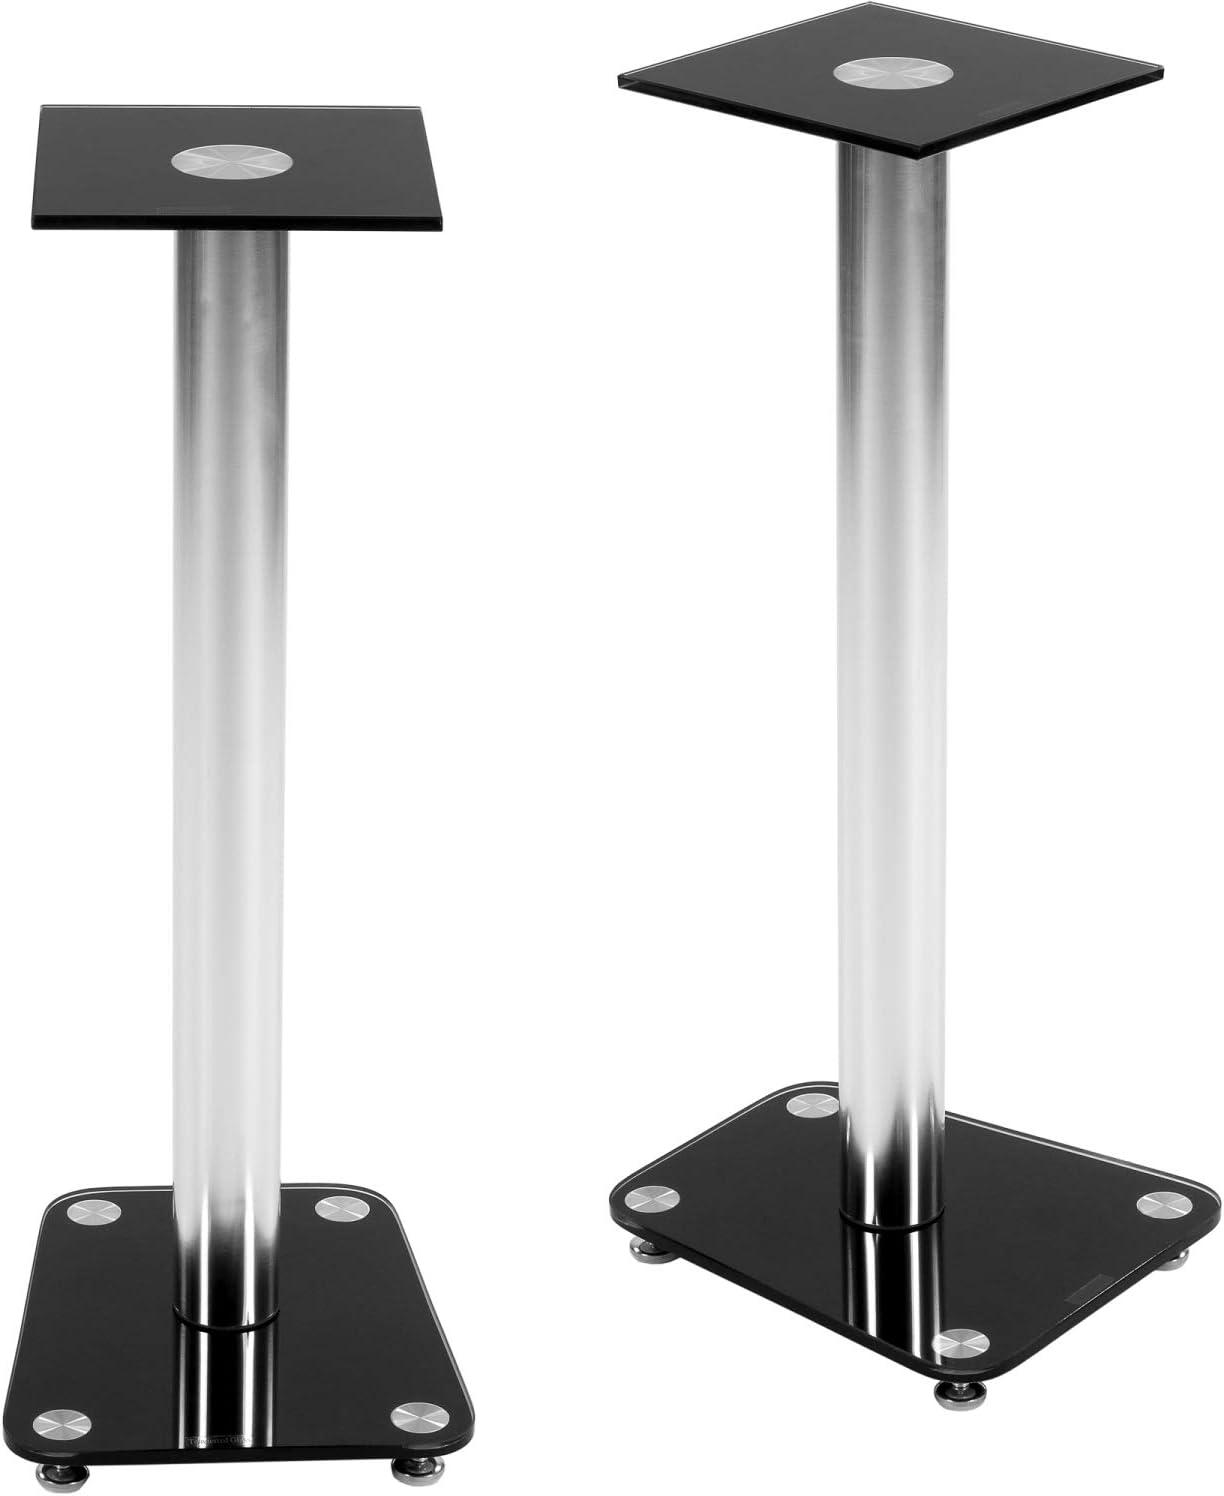 klar Klarglas und Schwarzglas integrierter Kabelkanal STILISTA 2er Set Lautsprecher Boxen St/änder Varianten verchromte Alu Tubes Tragkraft bis 20 kg